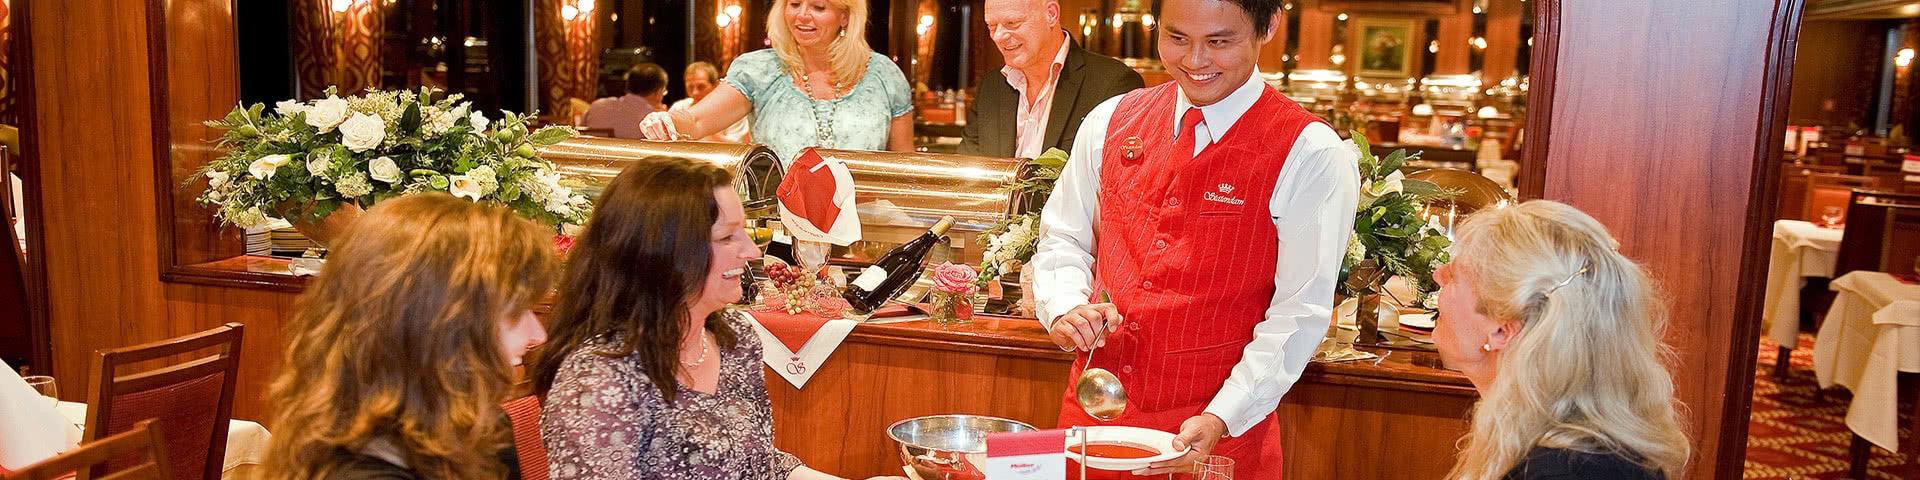 Kellner serviert Suppe am Tisch auf der MPS Statendam